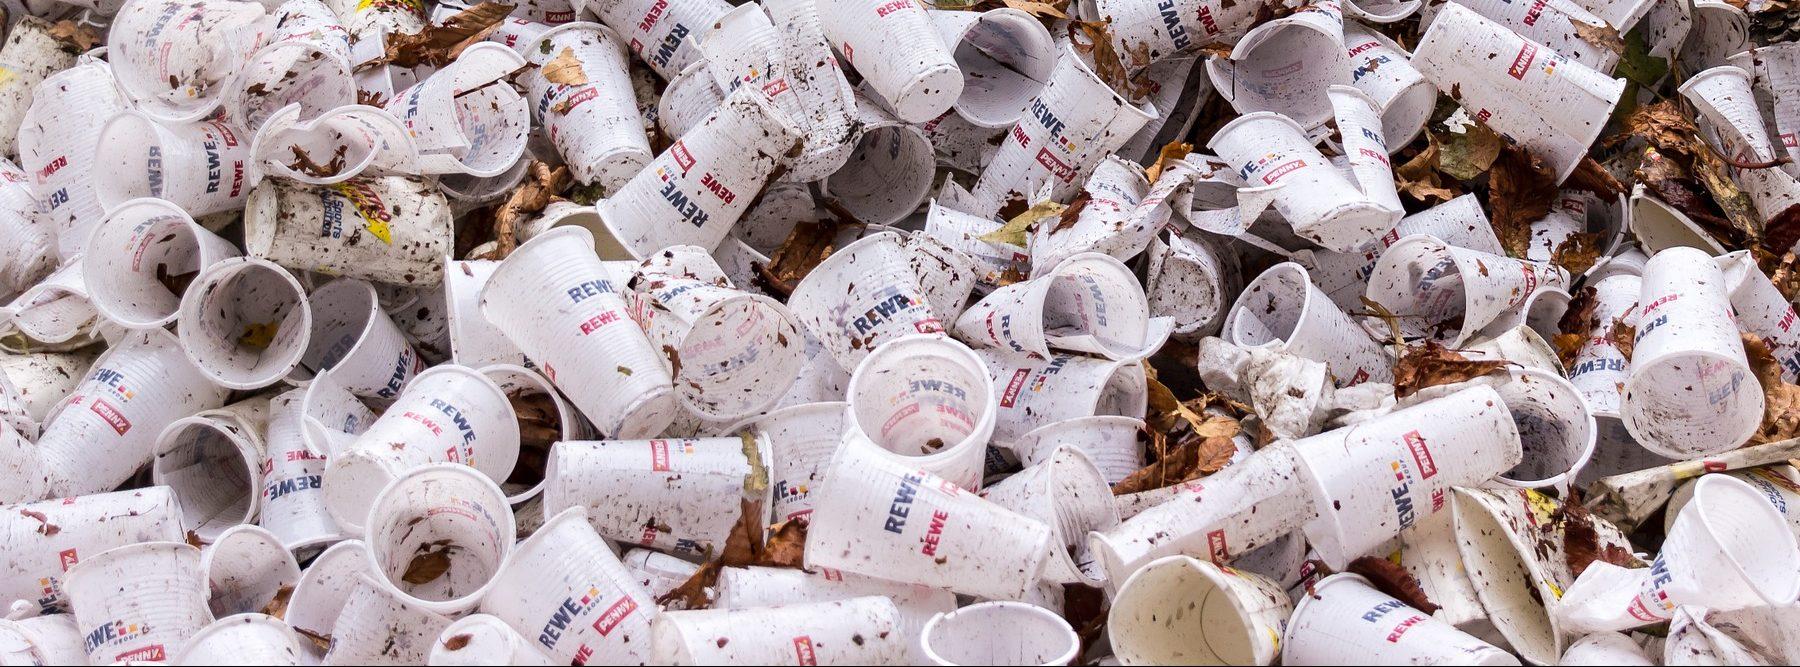 Las carreteras de plástico que salvarán el medio ambiente